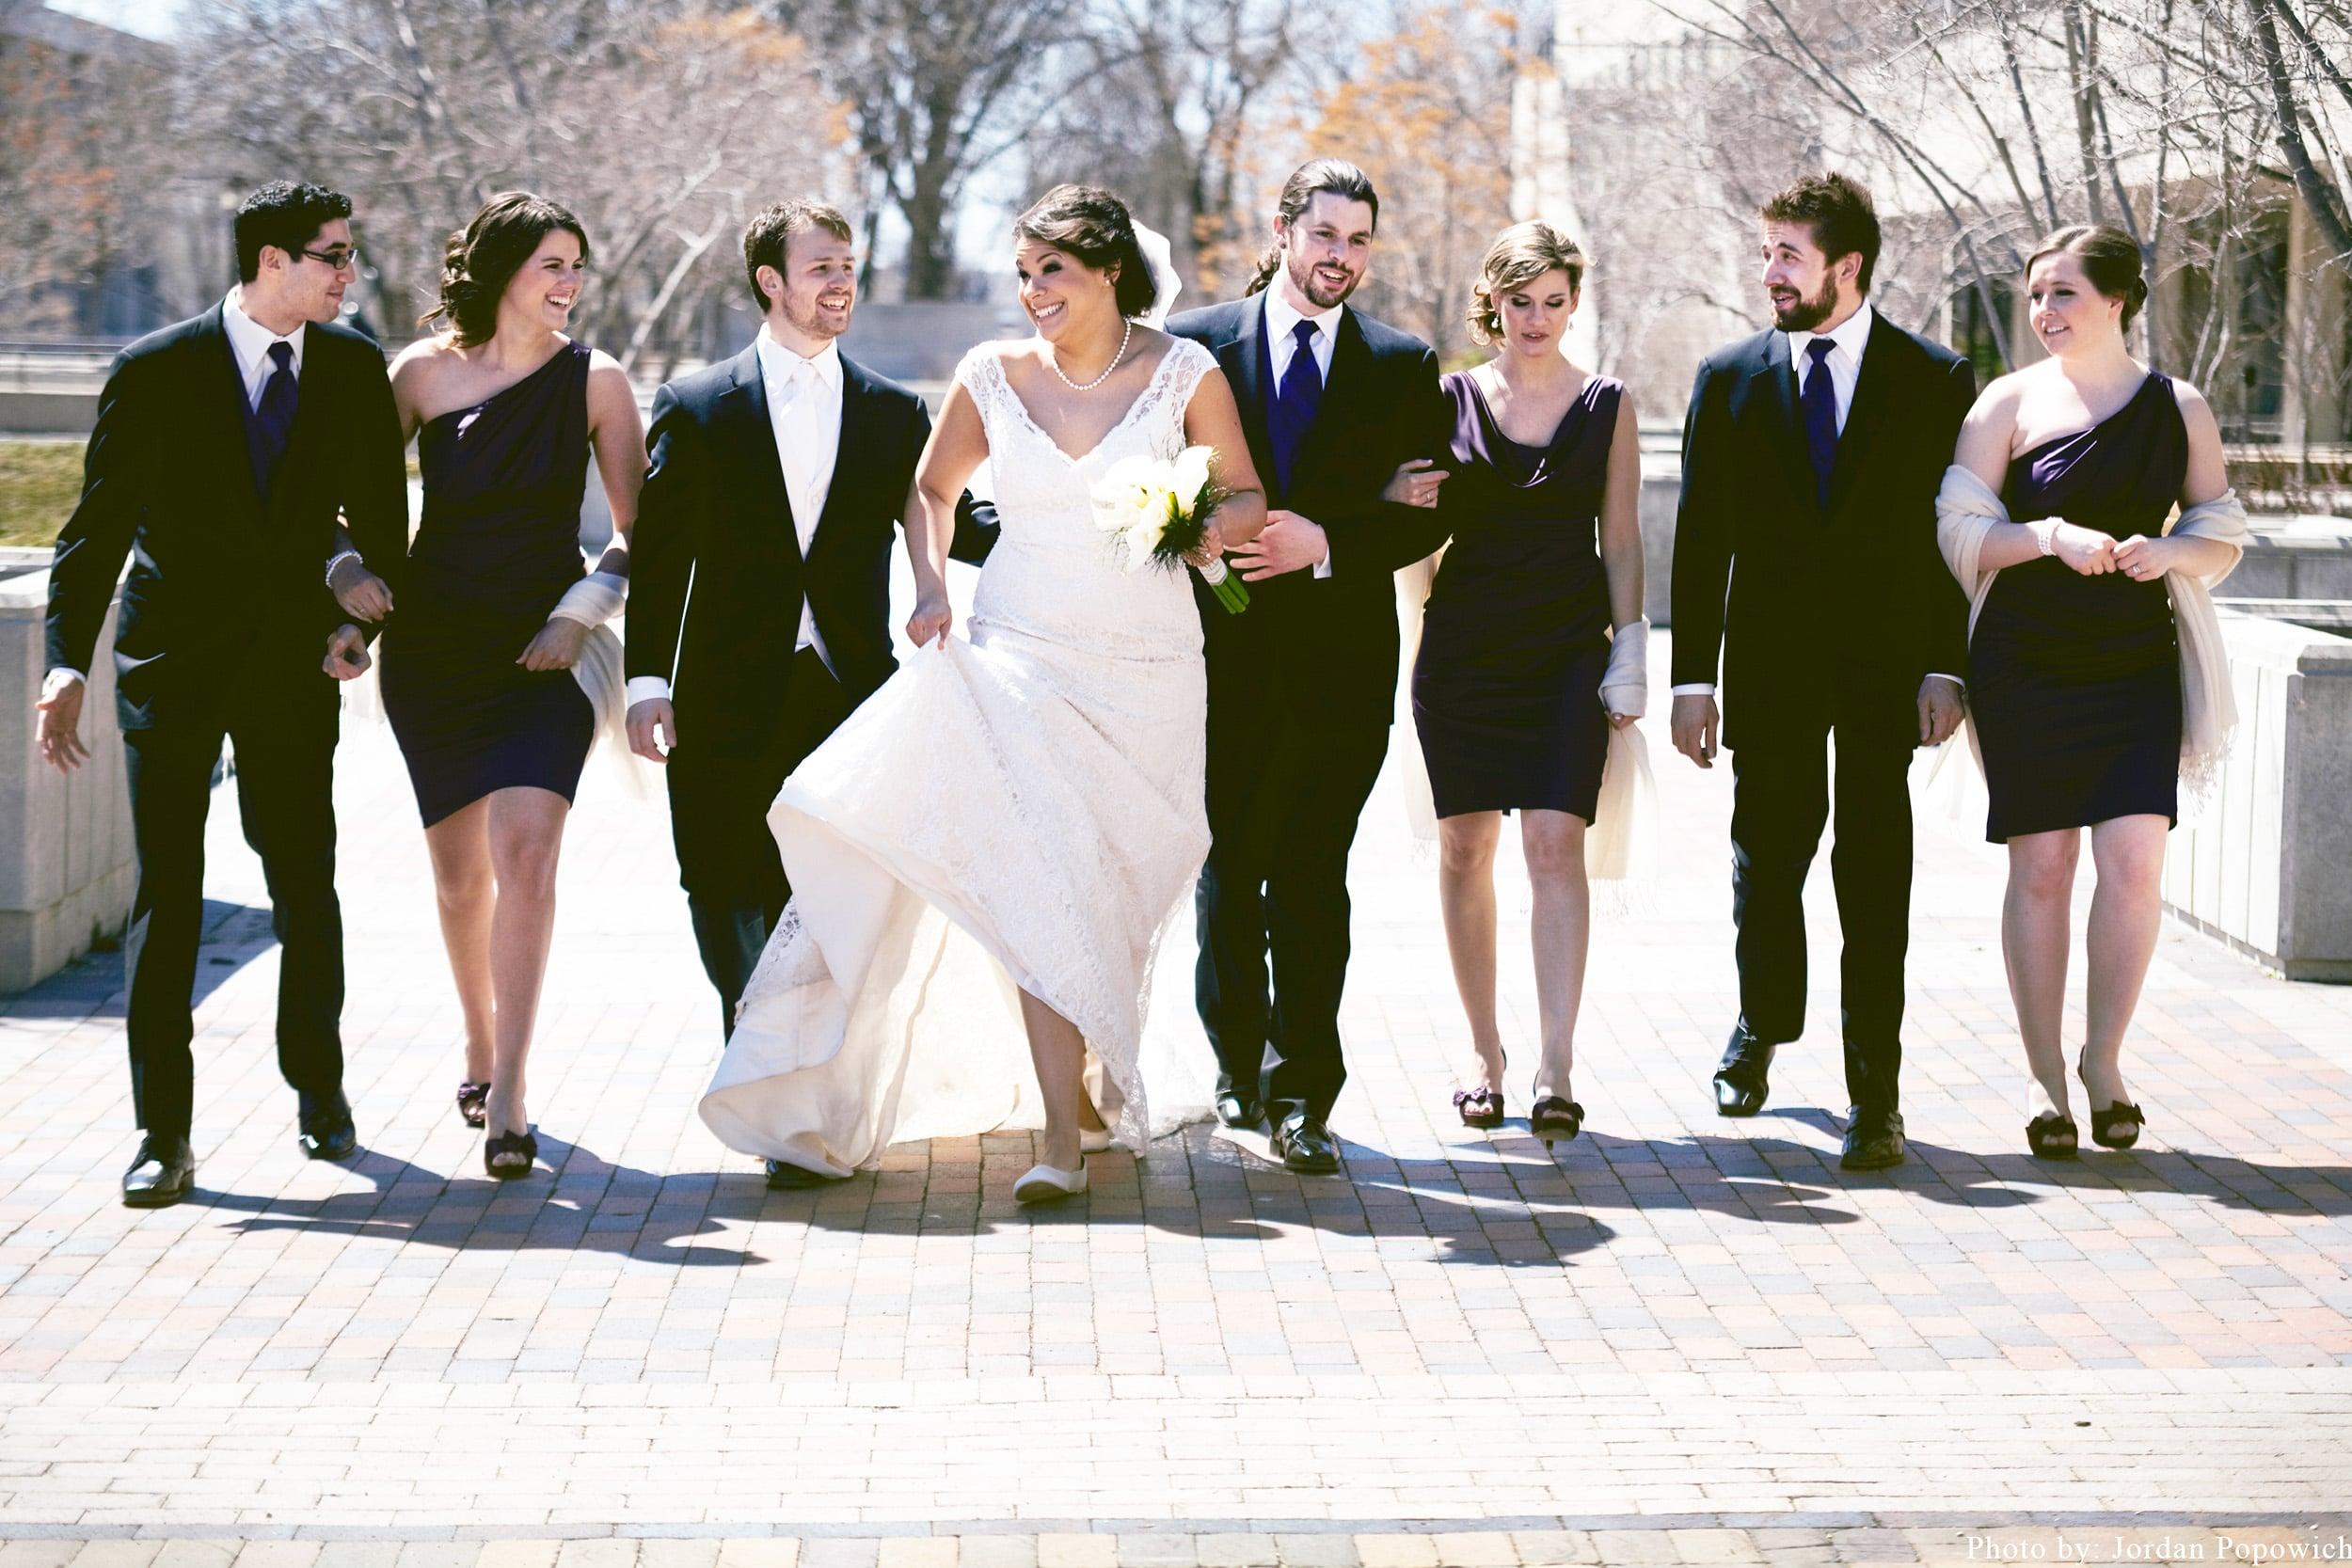 Cydney & Bridal Party.jpg